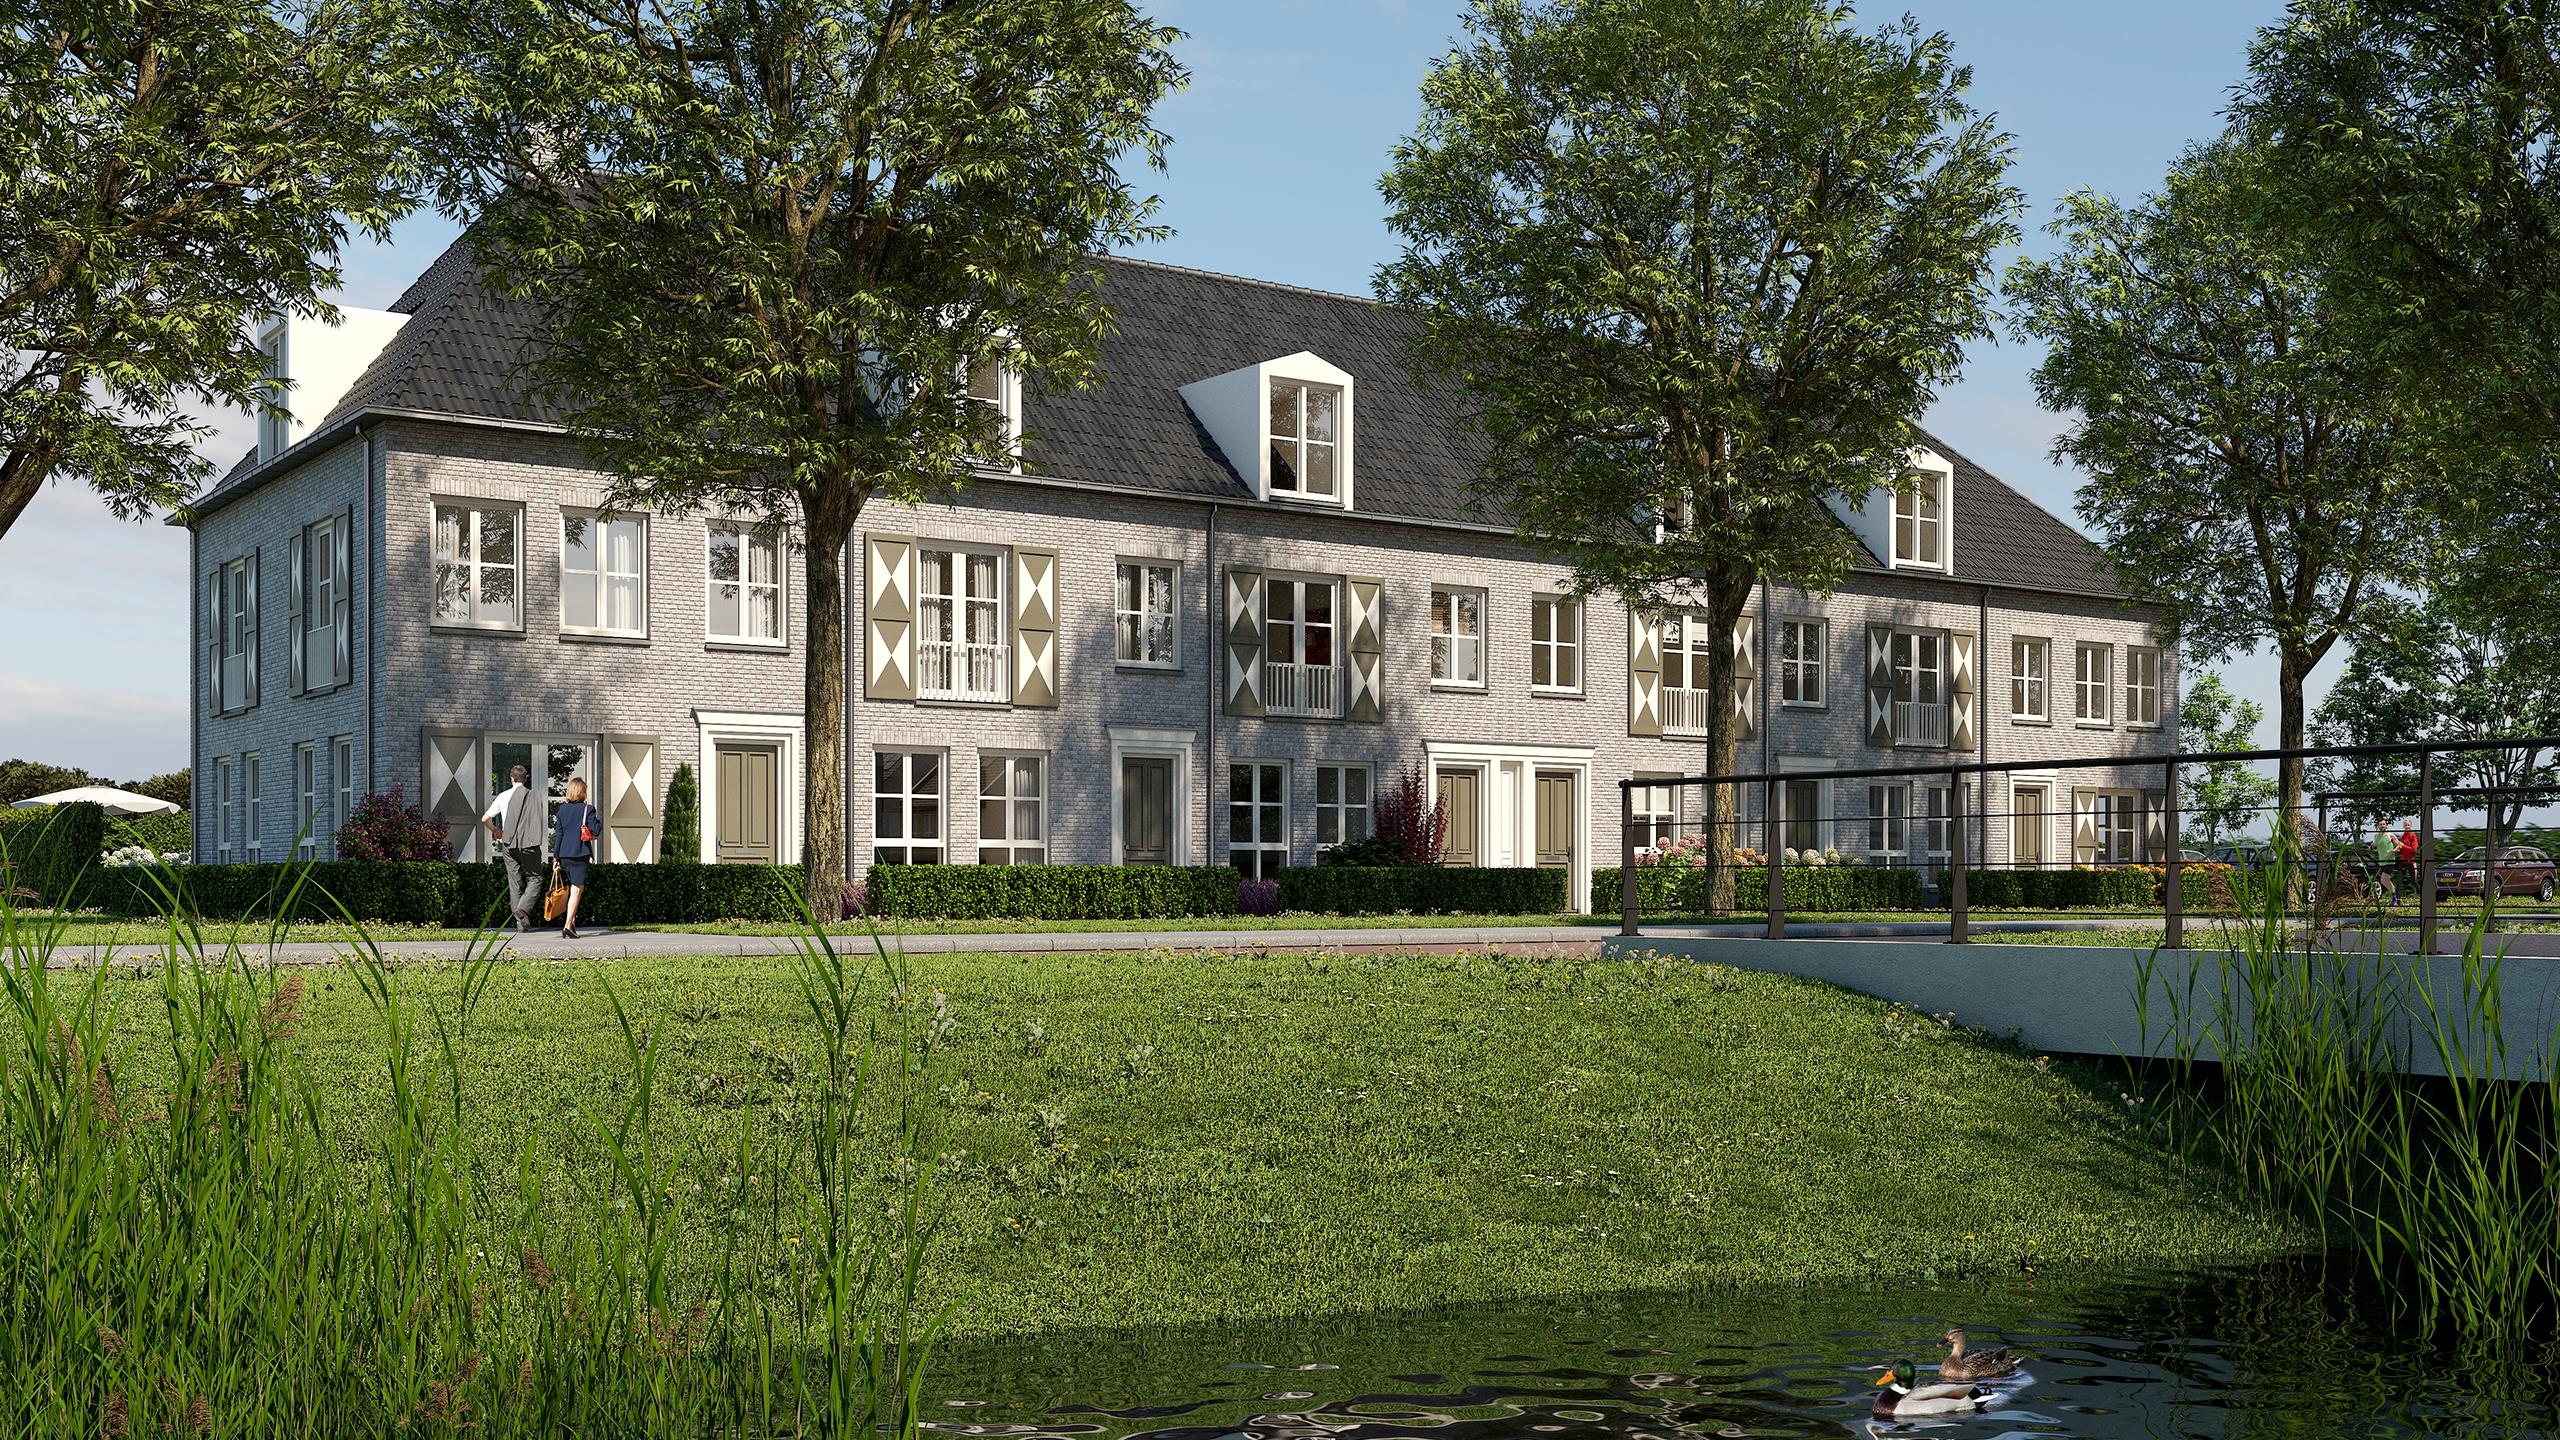 1328-Hoog-Dalem-10-B